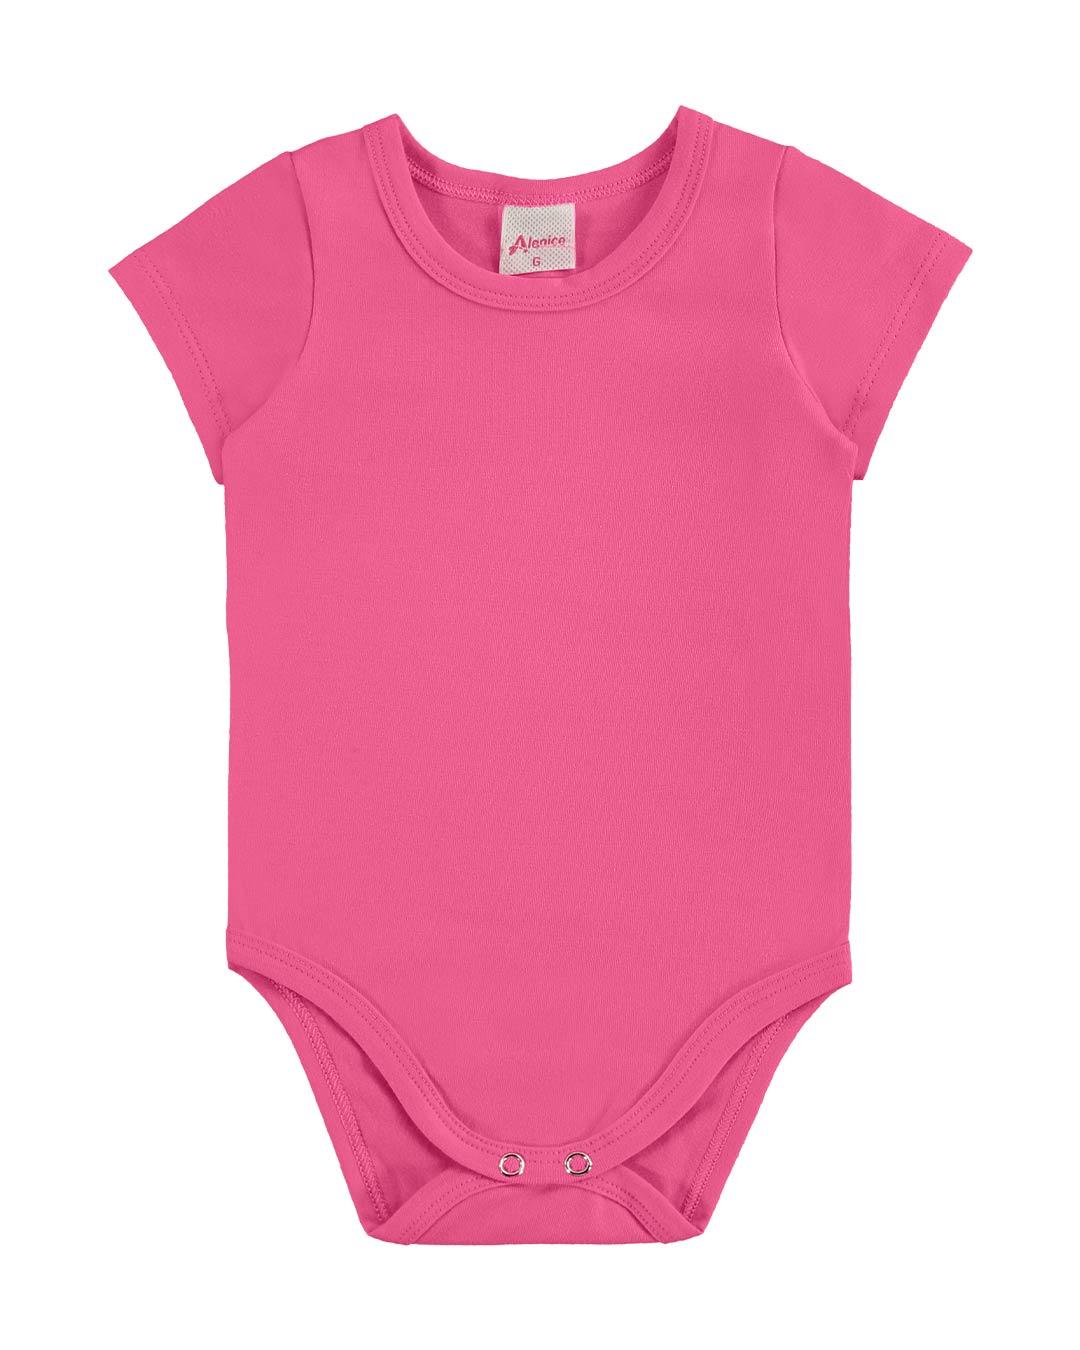 Body Bebê Básico - Alenice